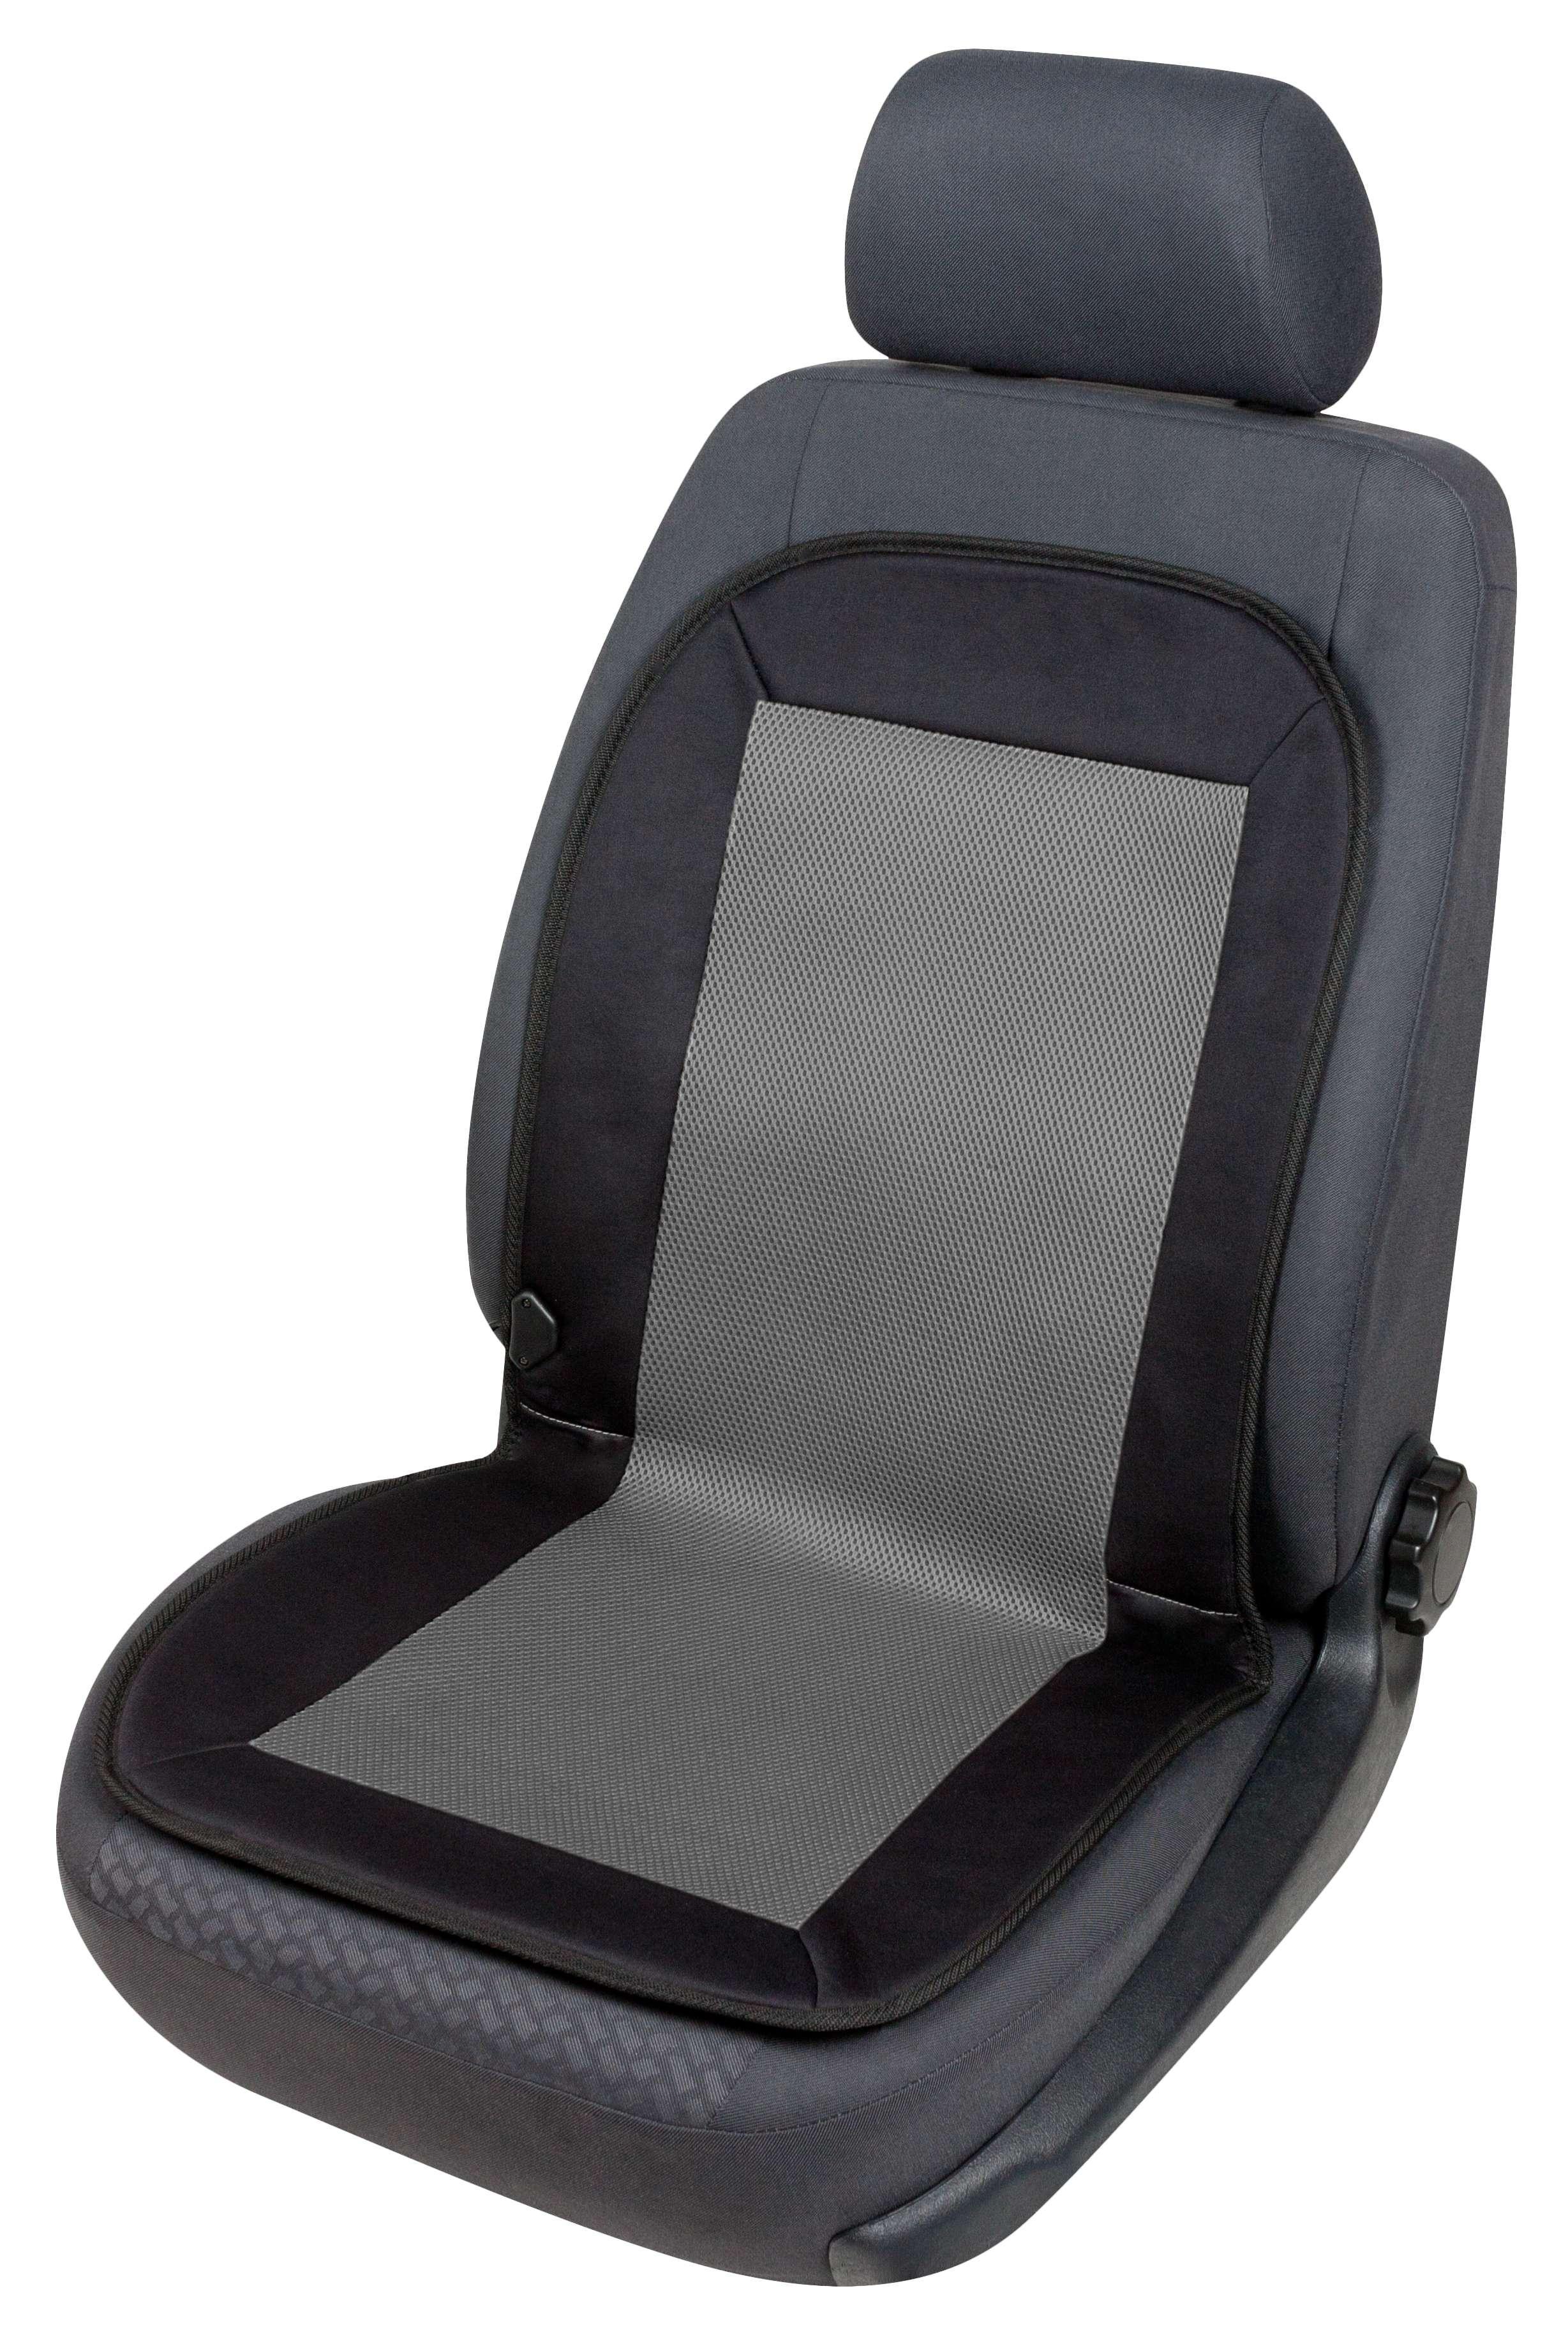 16762 WALSER 12V Sitzheizungsauflage 16762 günstig kaufen